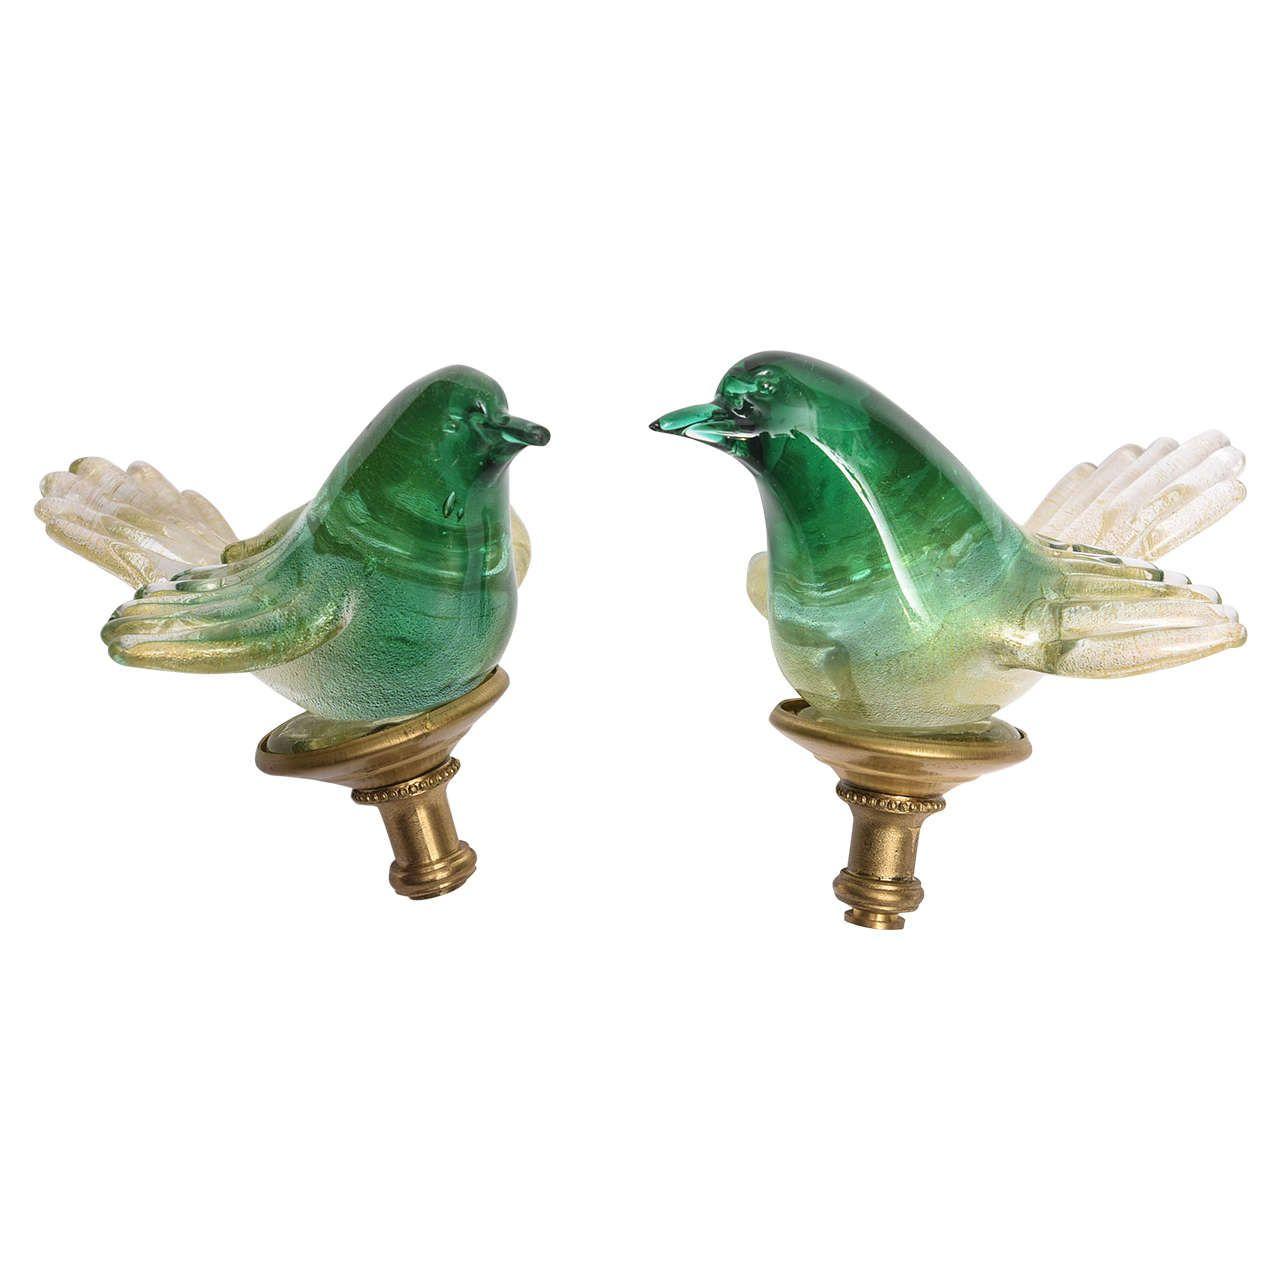 Pair Of Murano Lamp Finials 20th Century 1stdibs Com Lamp Finial Murano Lamp Vintage Table Lamp